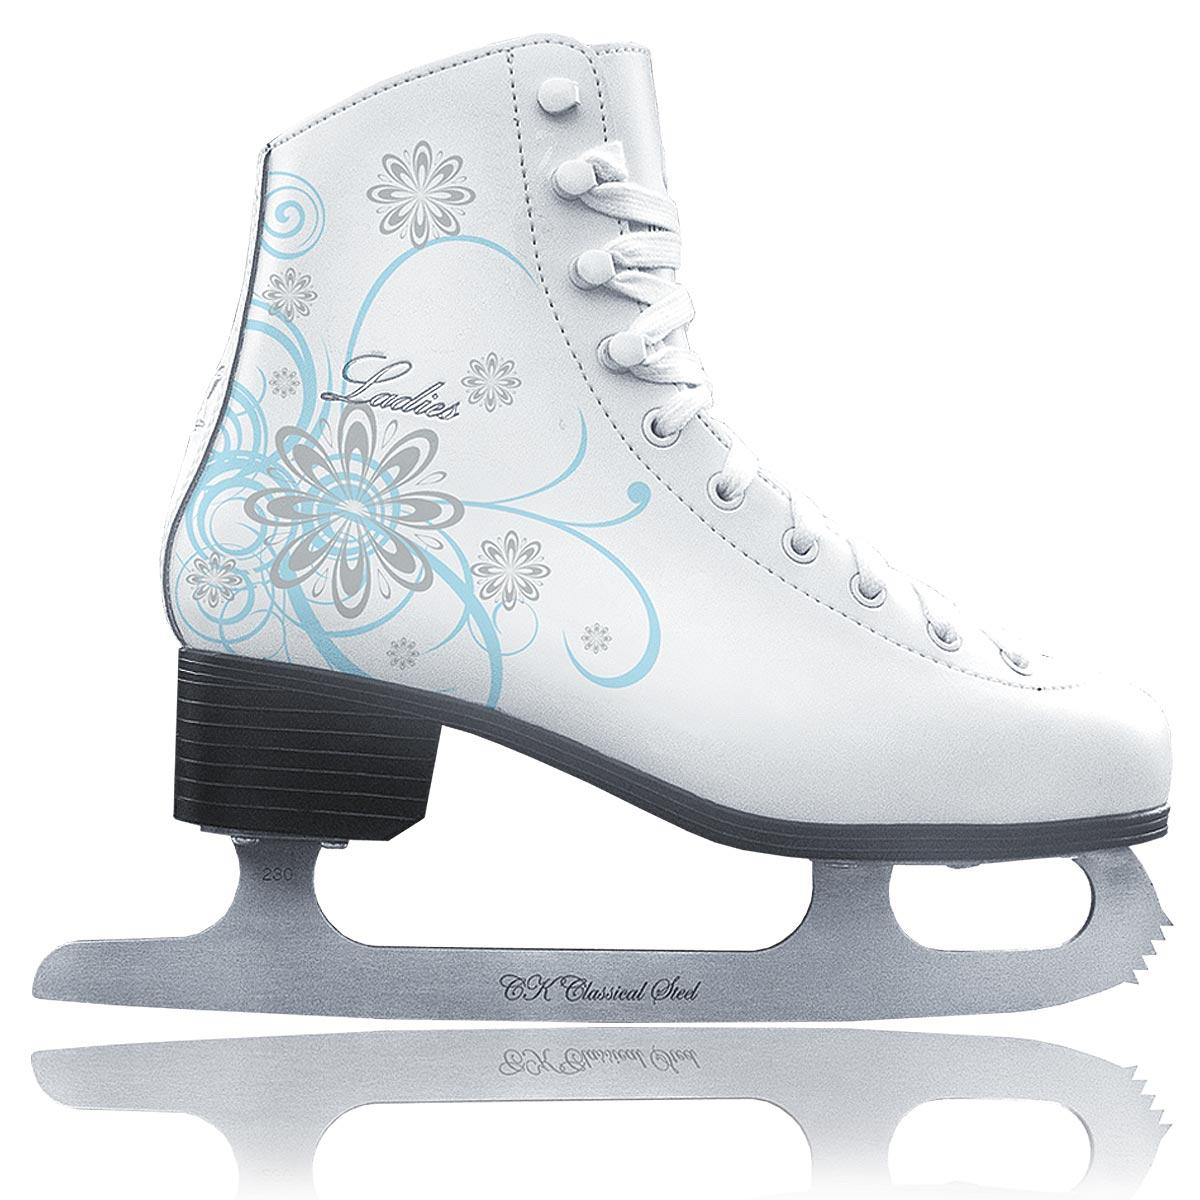 Коньки фигурные для девочки CK Ladies Velvet Classic, цвет: белый, голубой, серебряный. Размер 31